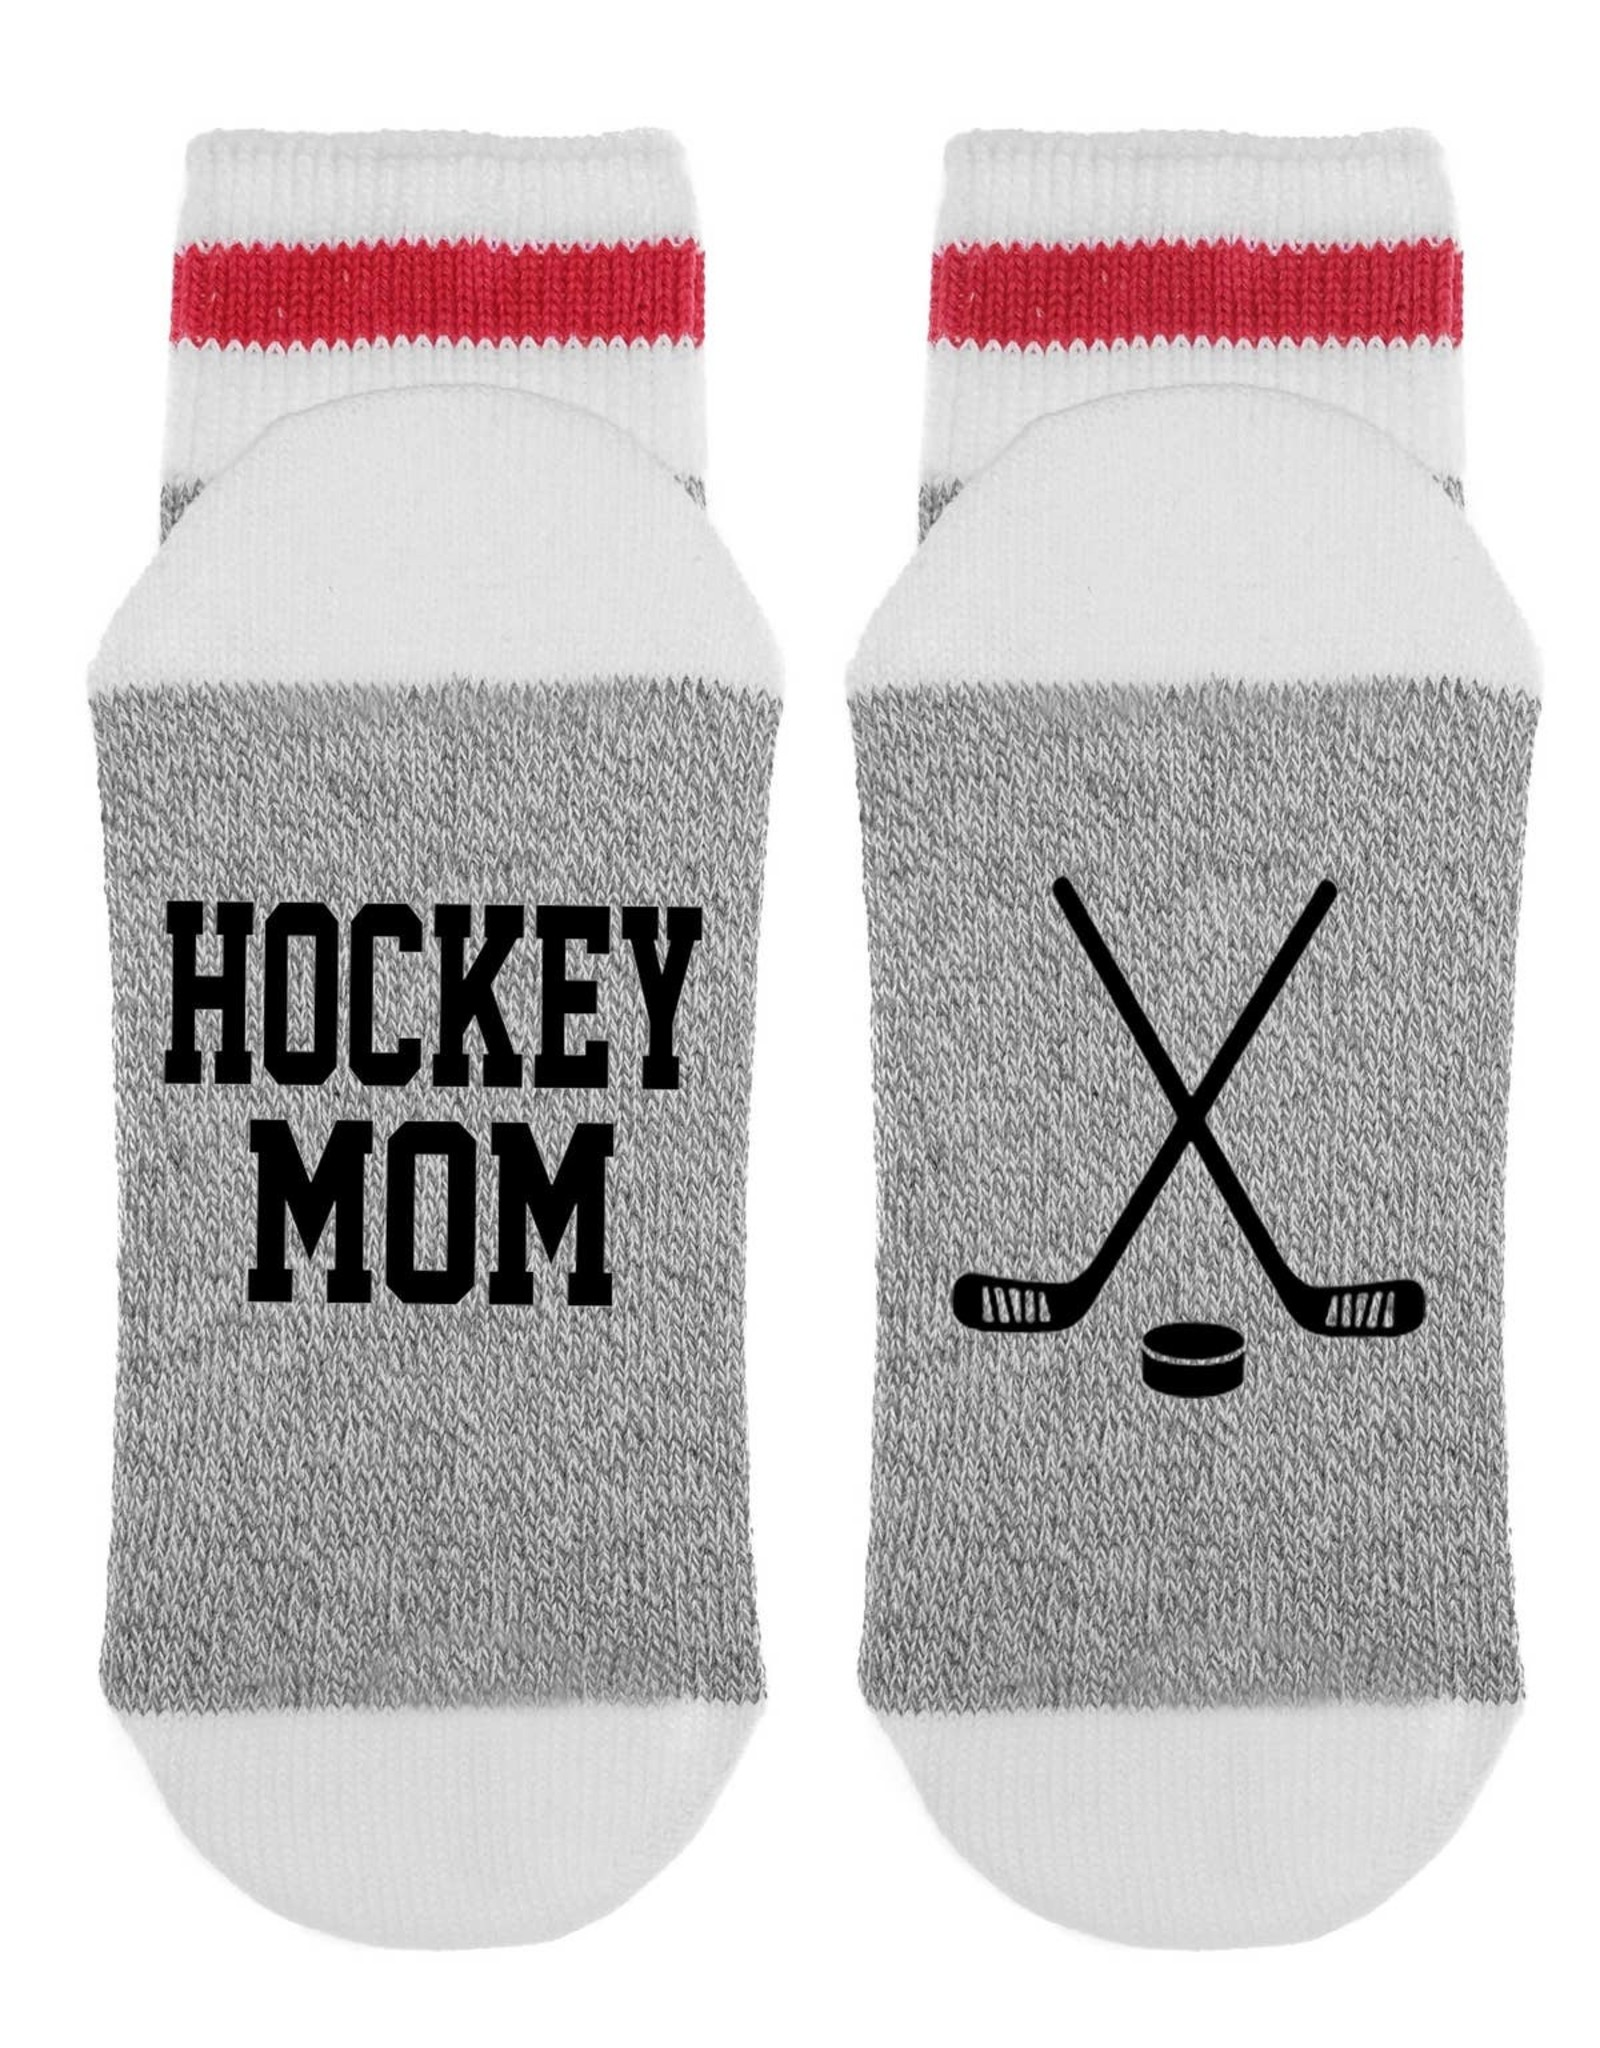 Hockey Mom Socks